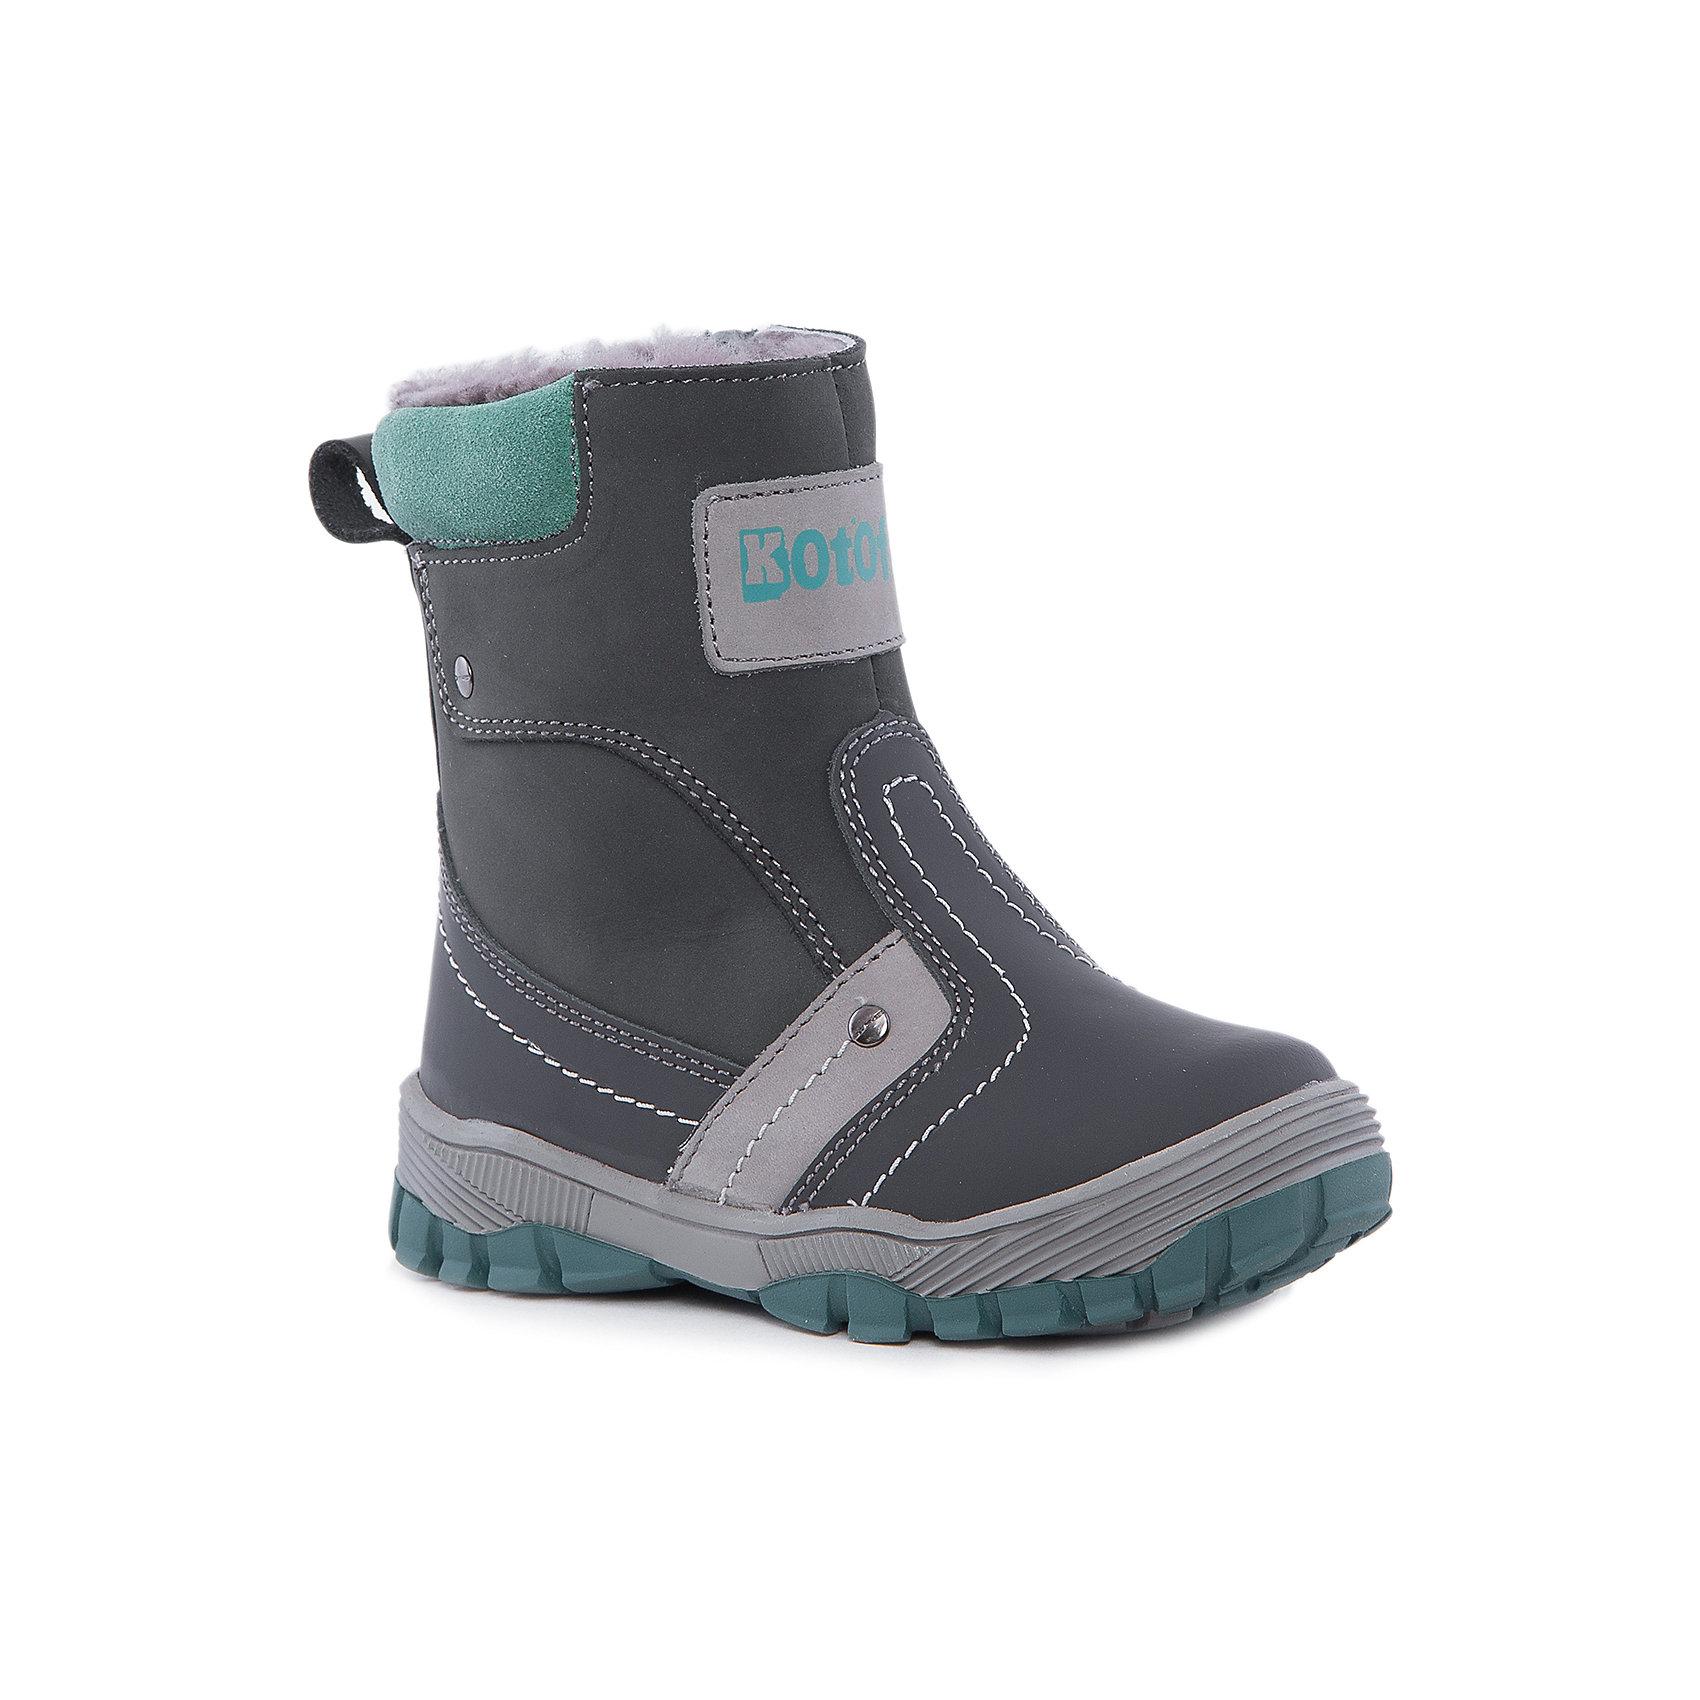 Сапоги для мальчика КотофейКотофей – качественная и стильная детская обувь по доступным ценам. С каждым днем популярность бренда растет.  Сапожки – универсальная обувь для холодов, как для мальчиков, так и для девочек. Новая модель сапог для мальчика сочетает все модные тенденции  наступающего зимнего сезона. Стильный дизайн, контрастная подошва, уникальный пошив и цветная отстрочка создают неповторимый элемент гардероба.<br><br>Дополнительная информация:<br><br>цвет: серый;<br>вид крепления: на клею;<br>застежка: молния;<br>температурный режим: от 0°С до -25° С<br><br>Состав:<br>материал верха – кожа;<br>материал подклада – натуральная овчина;<br>подошва – ТЭП.<br><br>Зимние сапожки из натуральной кожи для мальчика дошкольного возраста от фирмы Котофей можно купить в нашем магазине.<br><br>Ширина мм: 257<br>Глубина мм: 180<br>Высота мм: 130<br>Вес г: 420<br>Цвет: серый<br>Возраст от месяцев: 24<br>Возраст до месяцев: 36<br>Пол: Мужской<br>Возраст: Детский<br>Размер: 26,25,28,29,27<br>SKU: 4982154